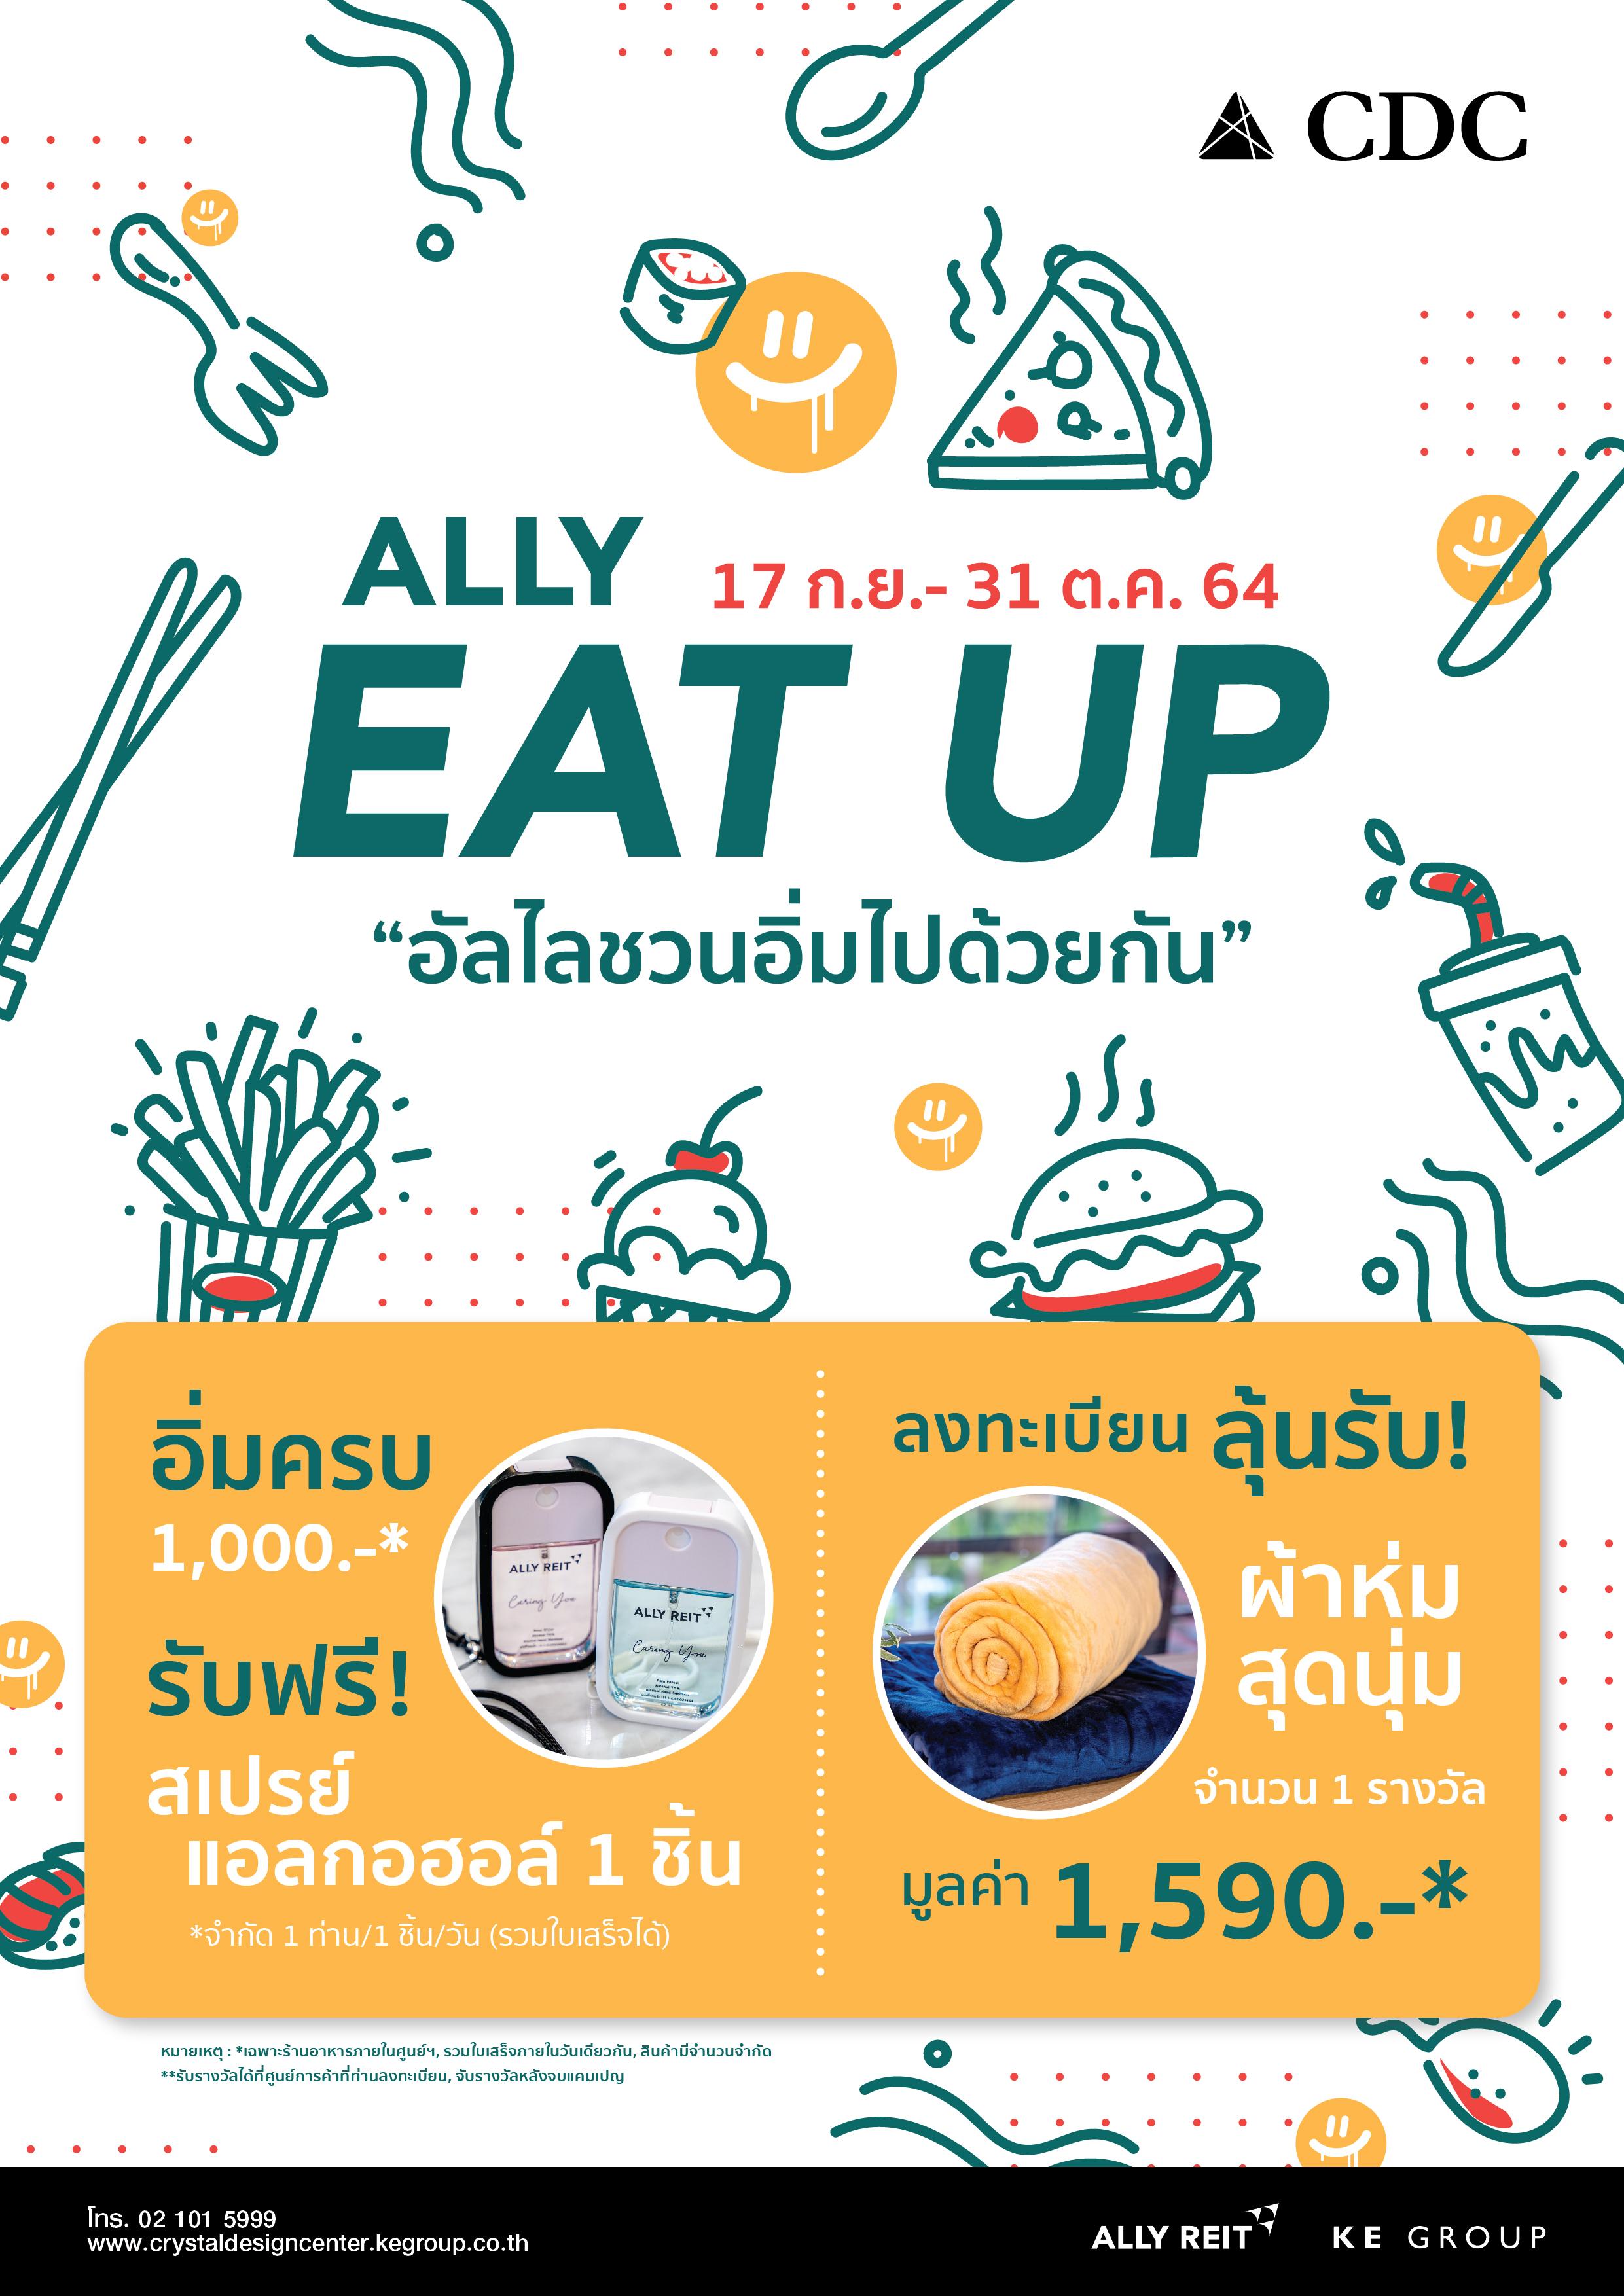 """สายกินห้ามพลาด! ศูนย์การค้าเครืออัลไล ชวนอิ่มฟิน  กับกิจกรรม """"ALLY EAT UP อัลไลชวนอิ่มไปด้วยกัน"""""""